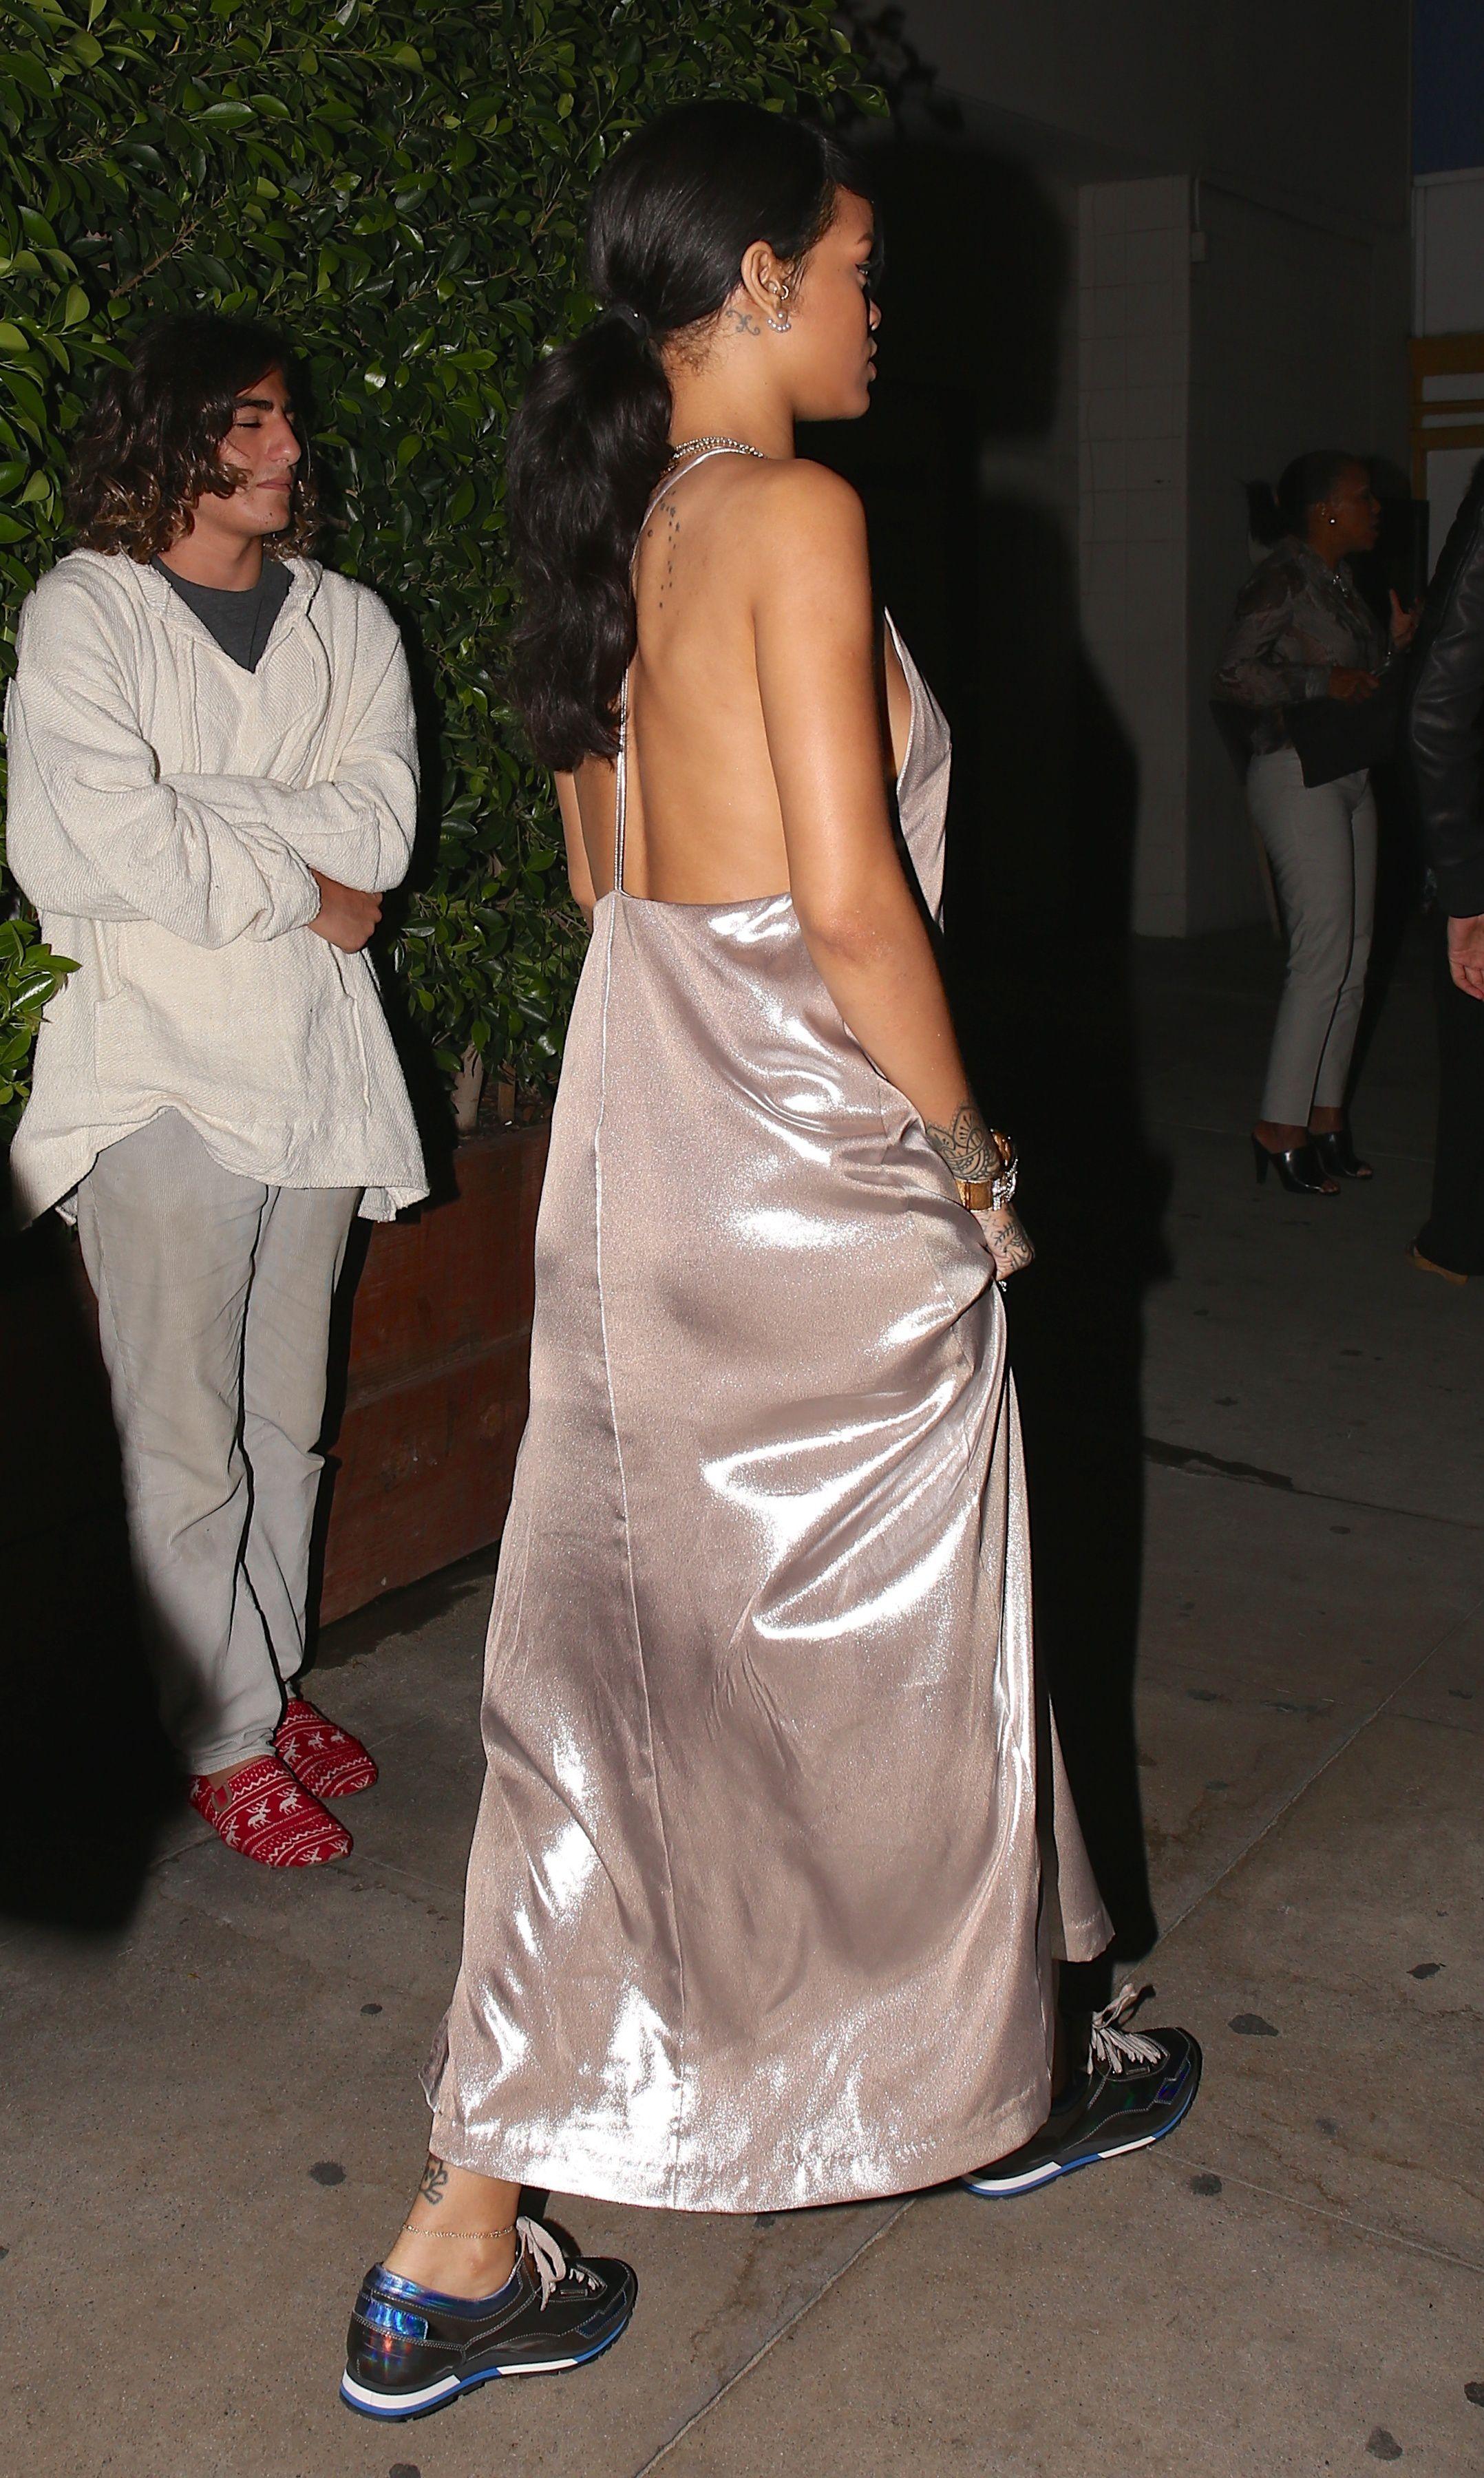 Başarılı şarkıcı Rihanna yine sexy giyimi ve güzel fiziği ile tüm dikkatleri üzerine çekmeyi başardı. Foto galeriyi görüntülemek için buraya tıklayın.